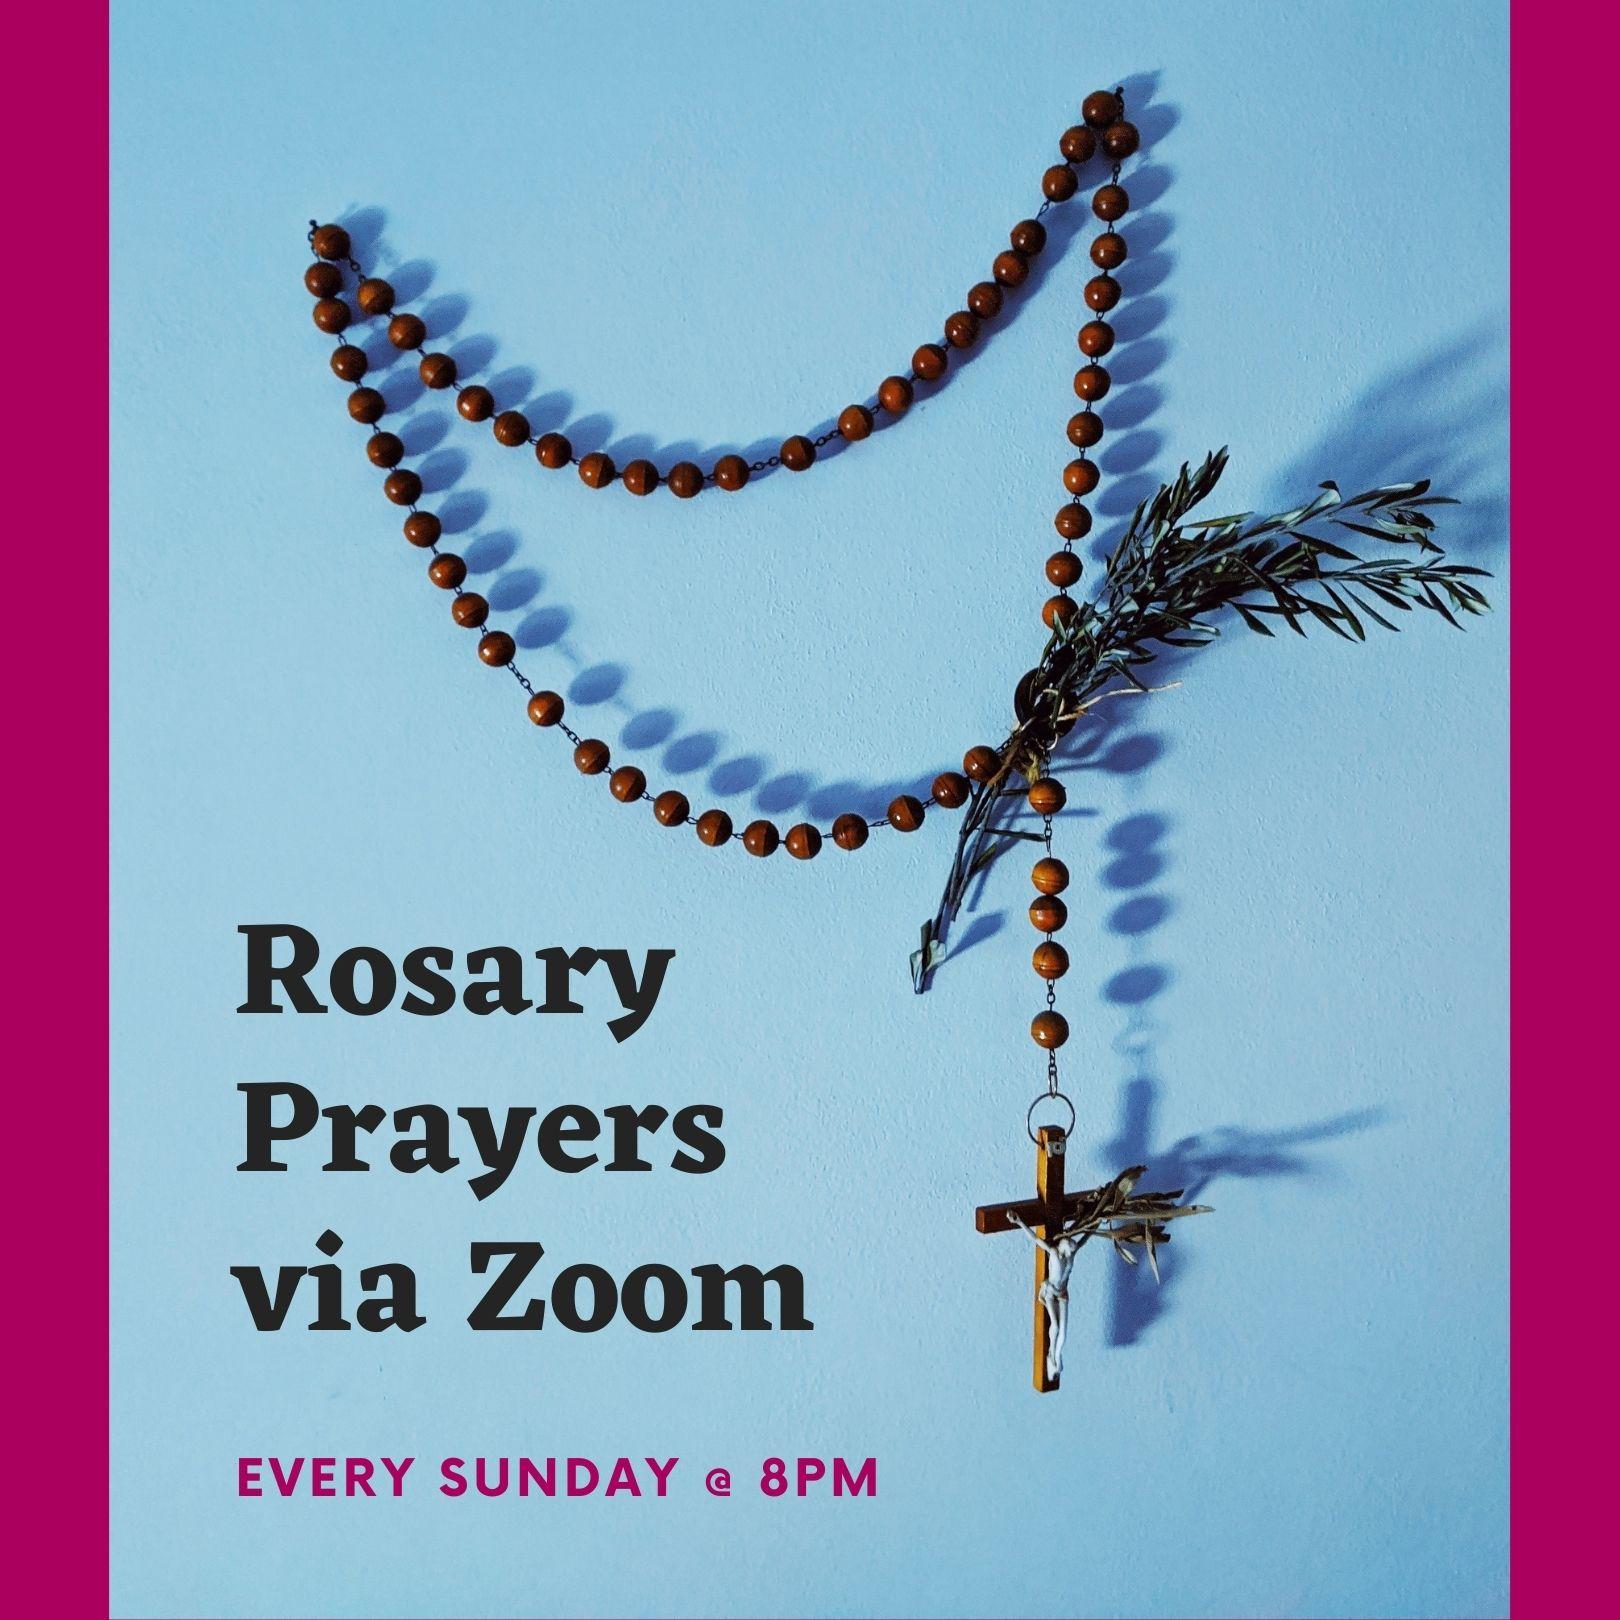 Rosary Prayers via Zoom